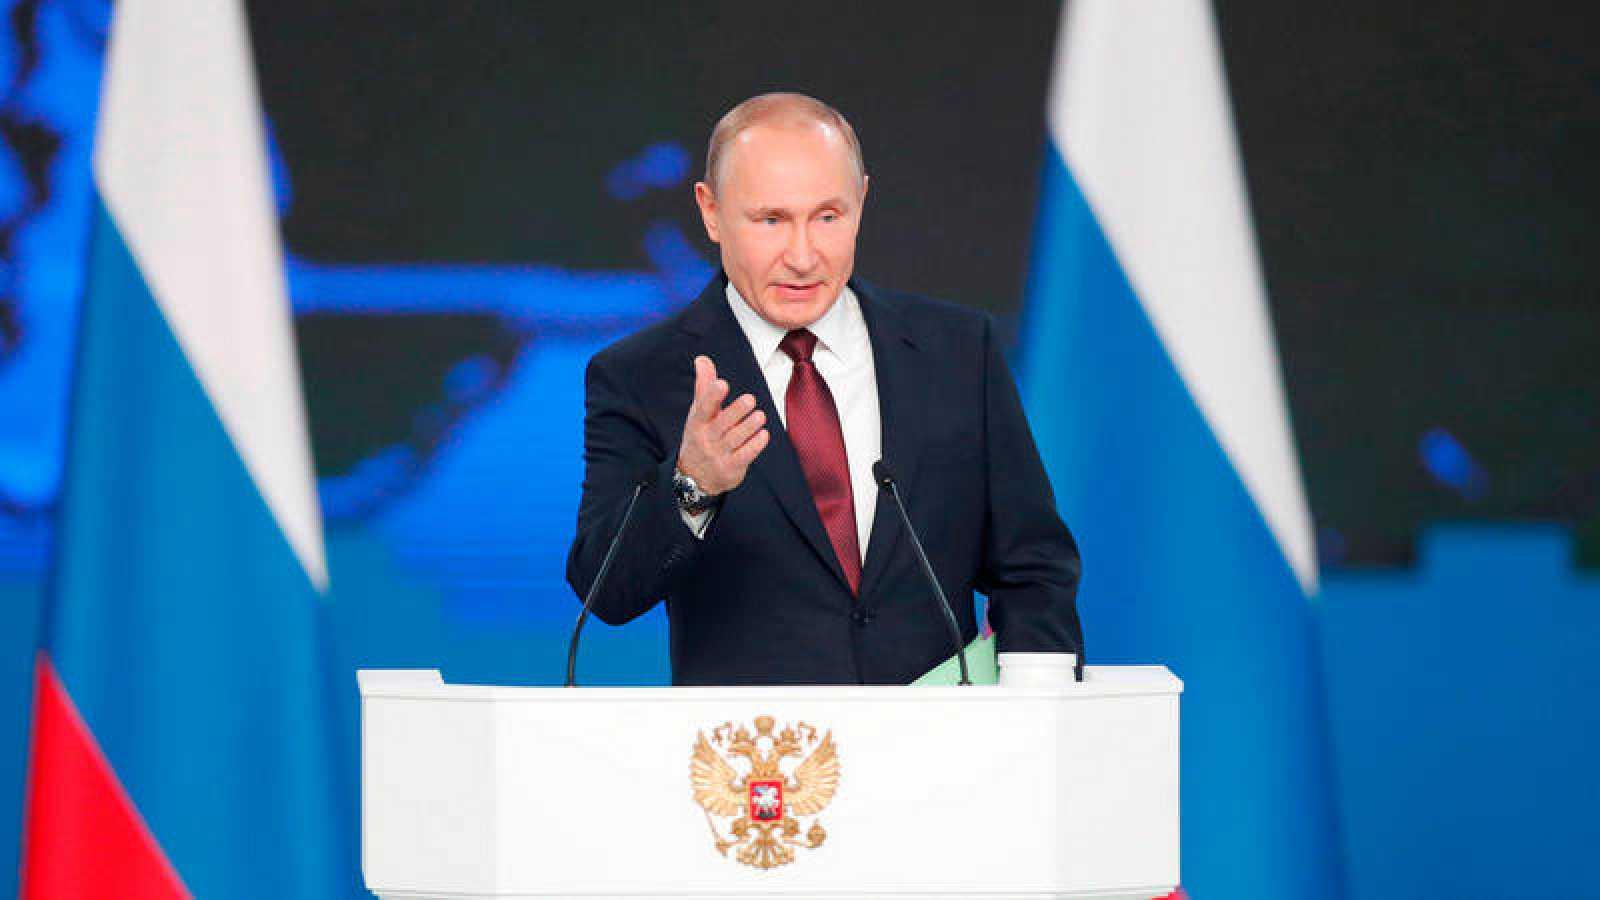 El presidente ruso, Vladimir Putin, presenta su informe anual sobre el estado de la nación